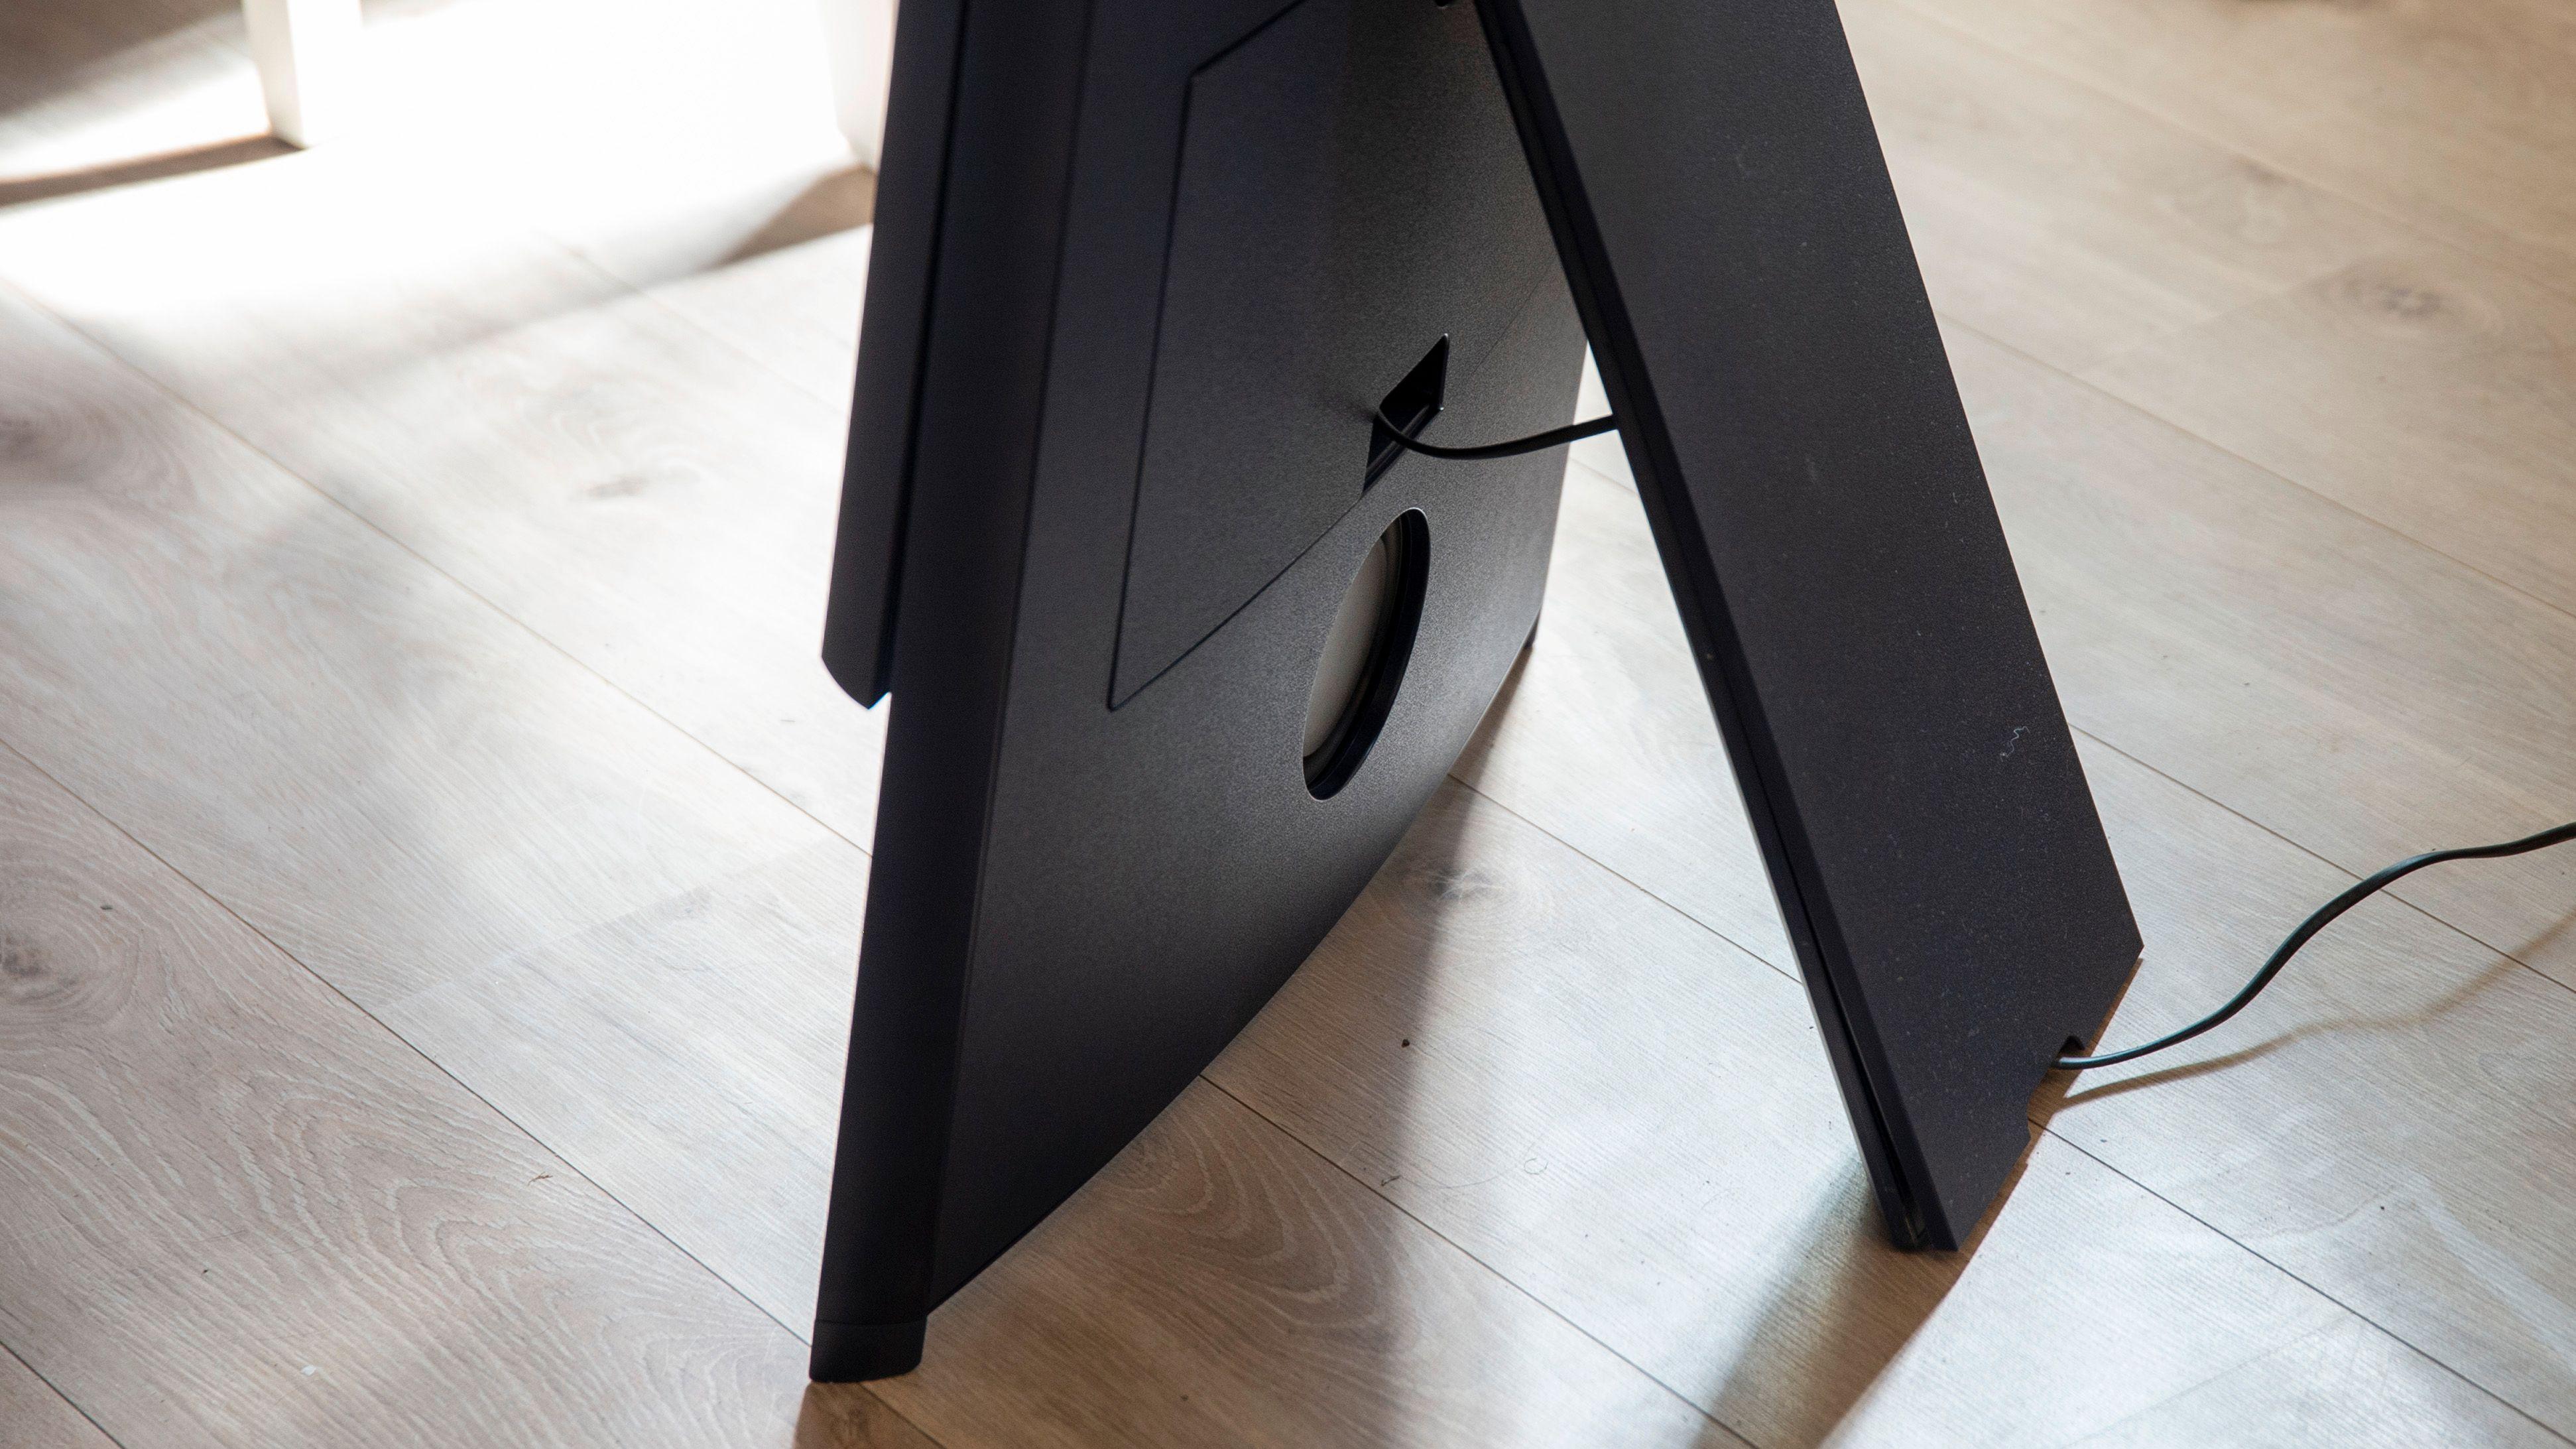 The Sero er bygget for å stå på gulvet. I tillegg kan du kjøpe hjul slik at den kan trilles rundt.